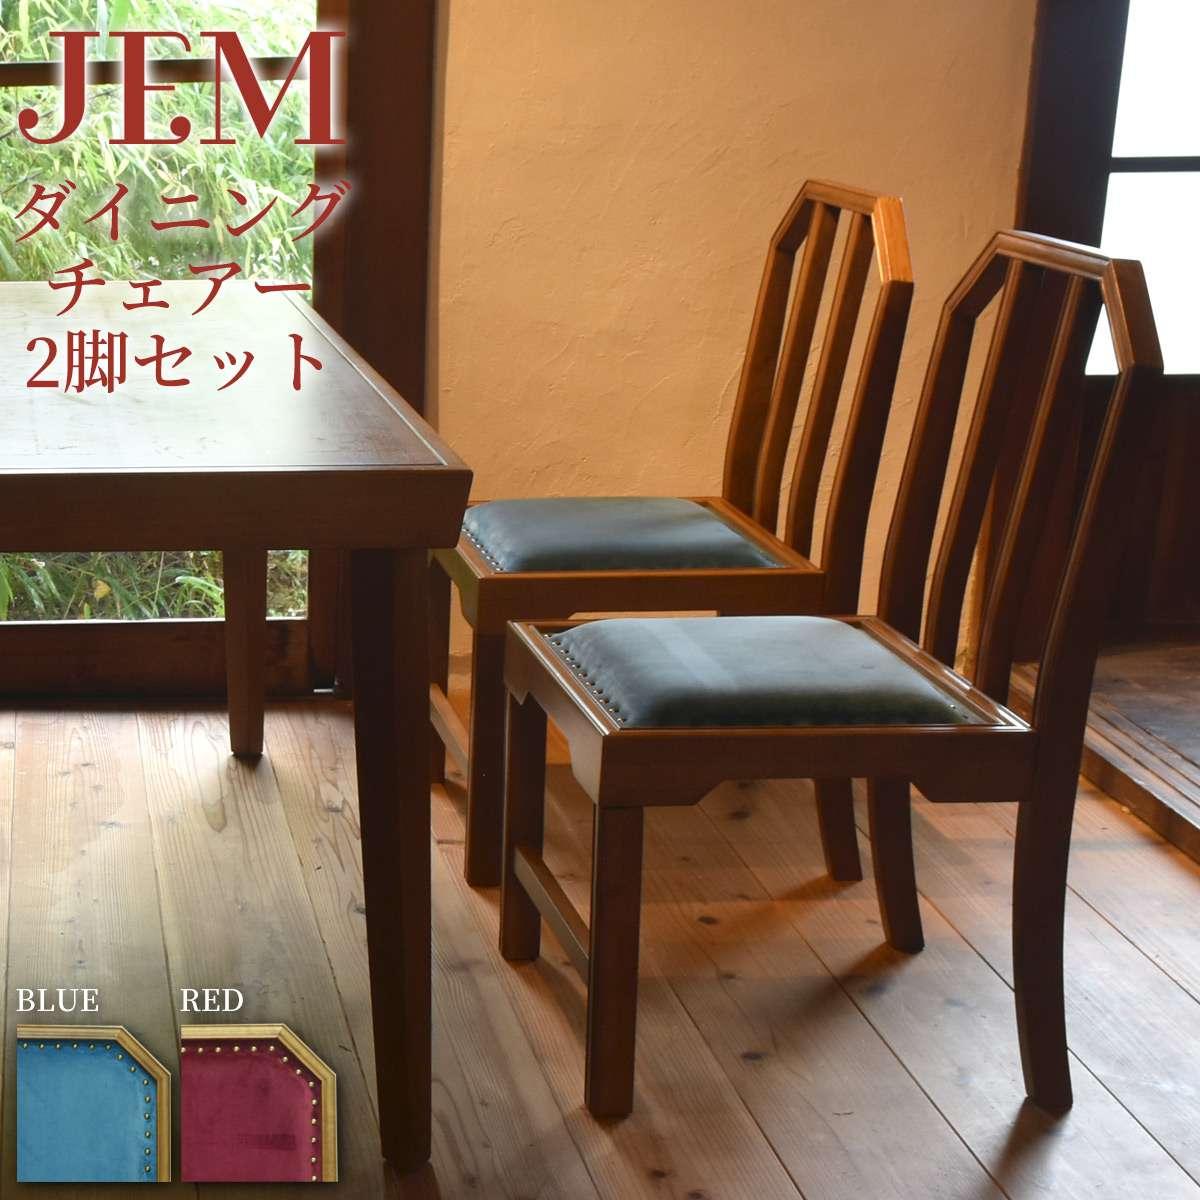 ダイニングチェア チェア ダイニング 2脚 おしゃれ 木製 クッション 椅子 1人用 単品 ブラウン 頑丈 丈夫 軽い カフェ スリム モダン 和風 2脚セット